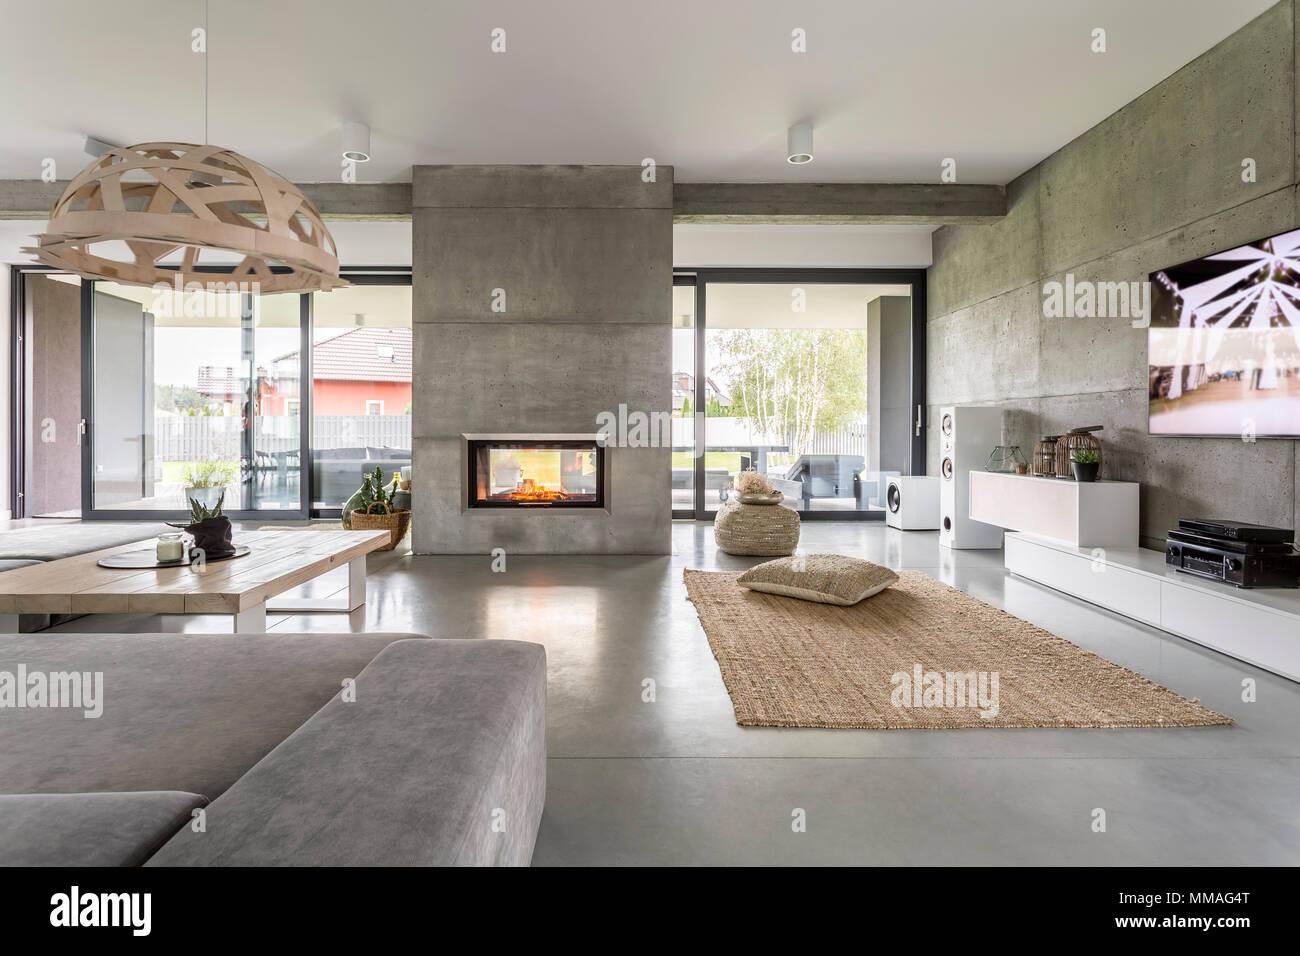 Attraktiv Geräumige Villa Interieur Mit Zement Wand Wirkung, Kamin Und TV